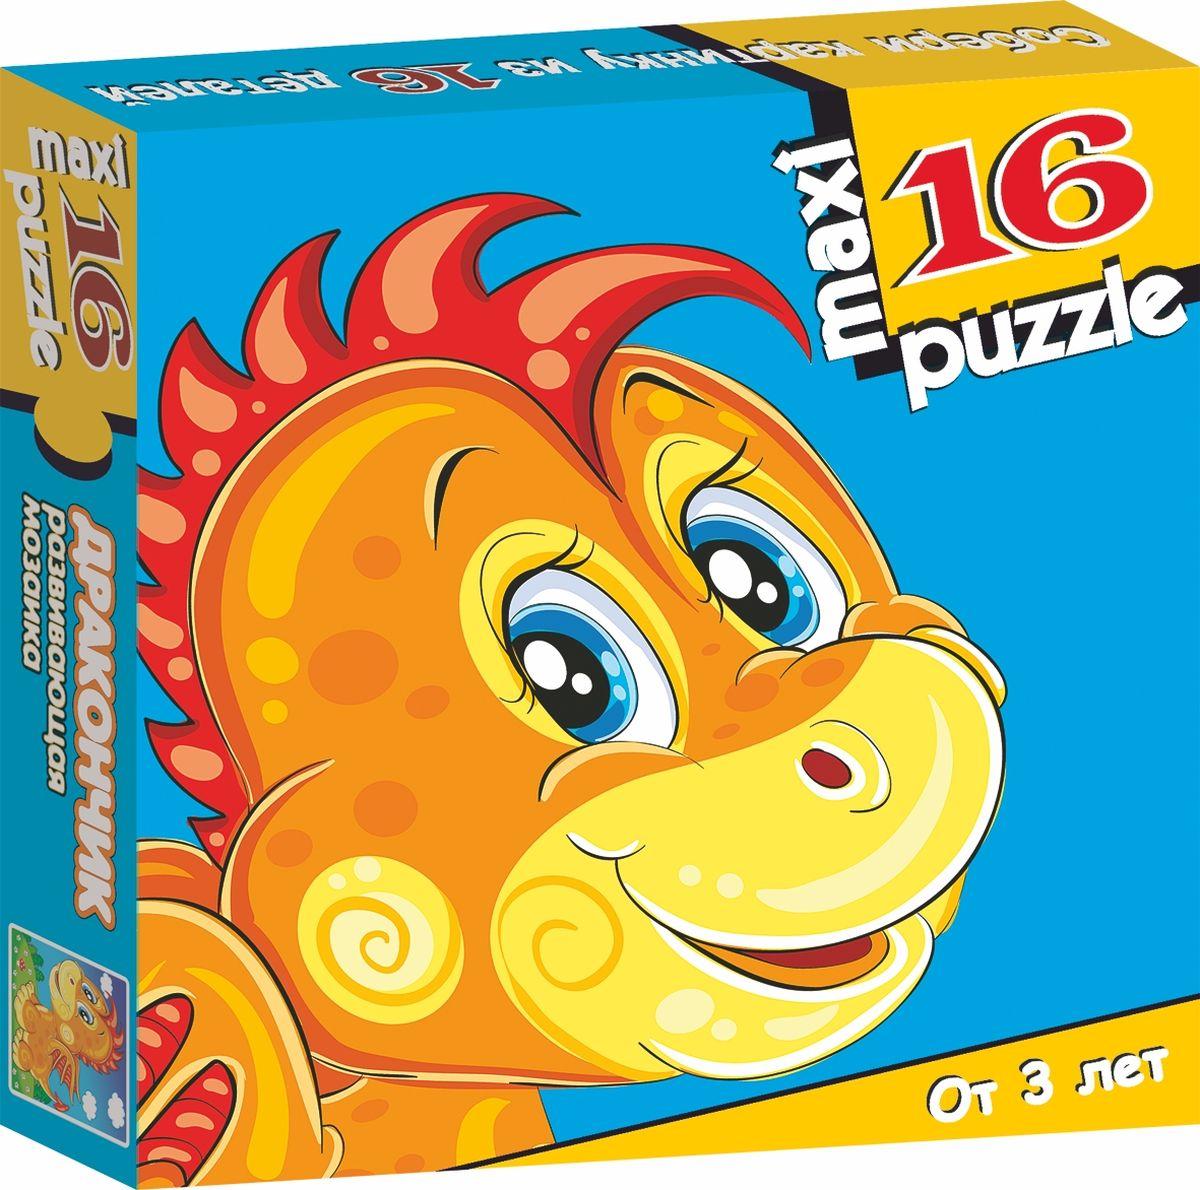 Дрофа-Медиа Пазл для малышей Дракончик дрофа медиа пазл для малышей играй и собирай 4 в 1 2938